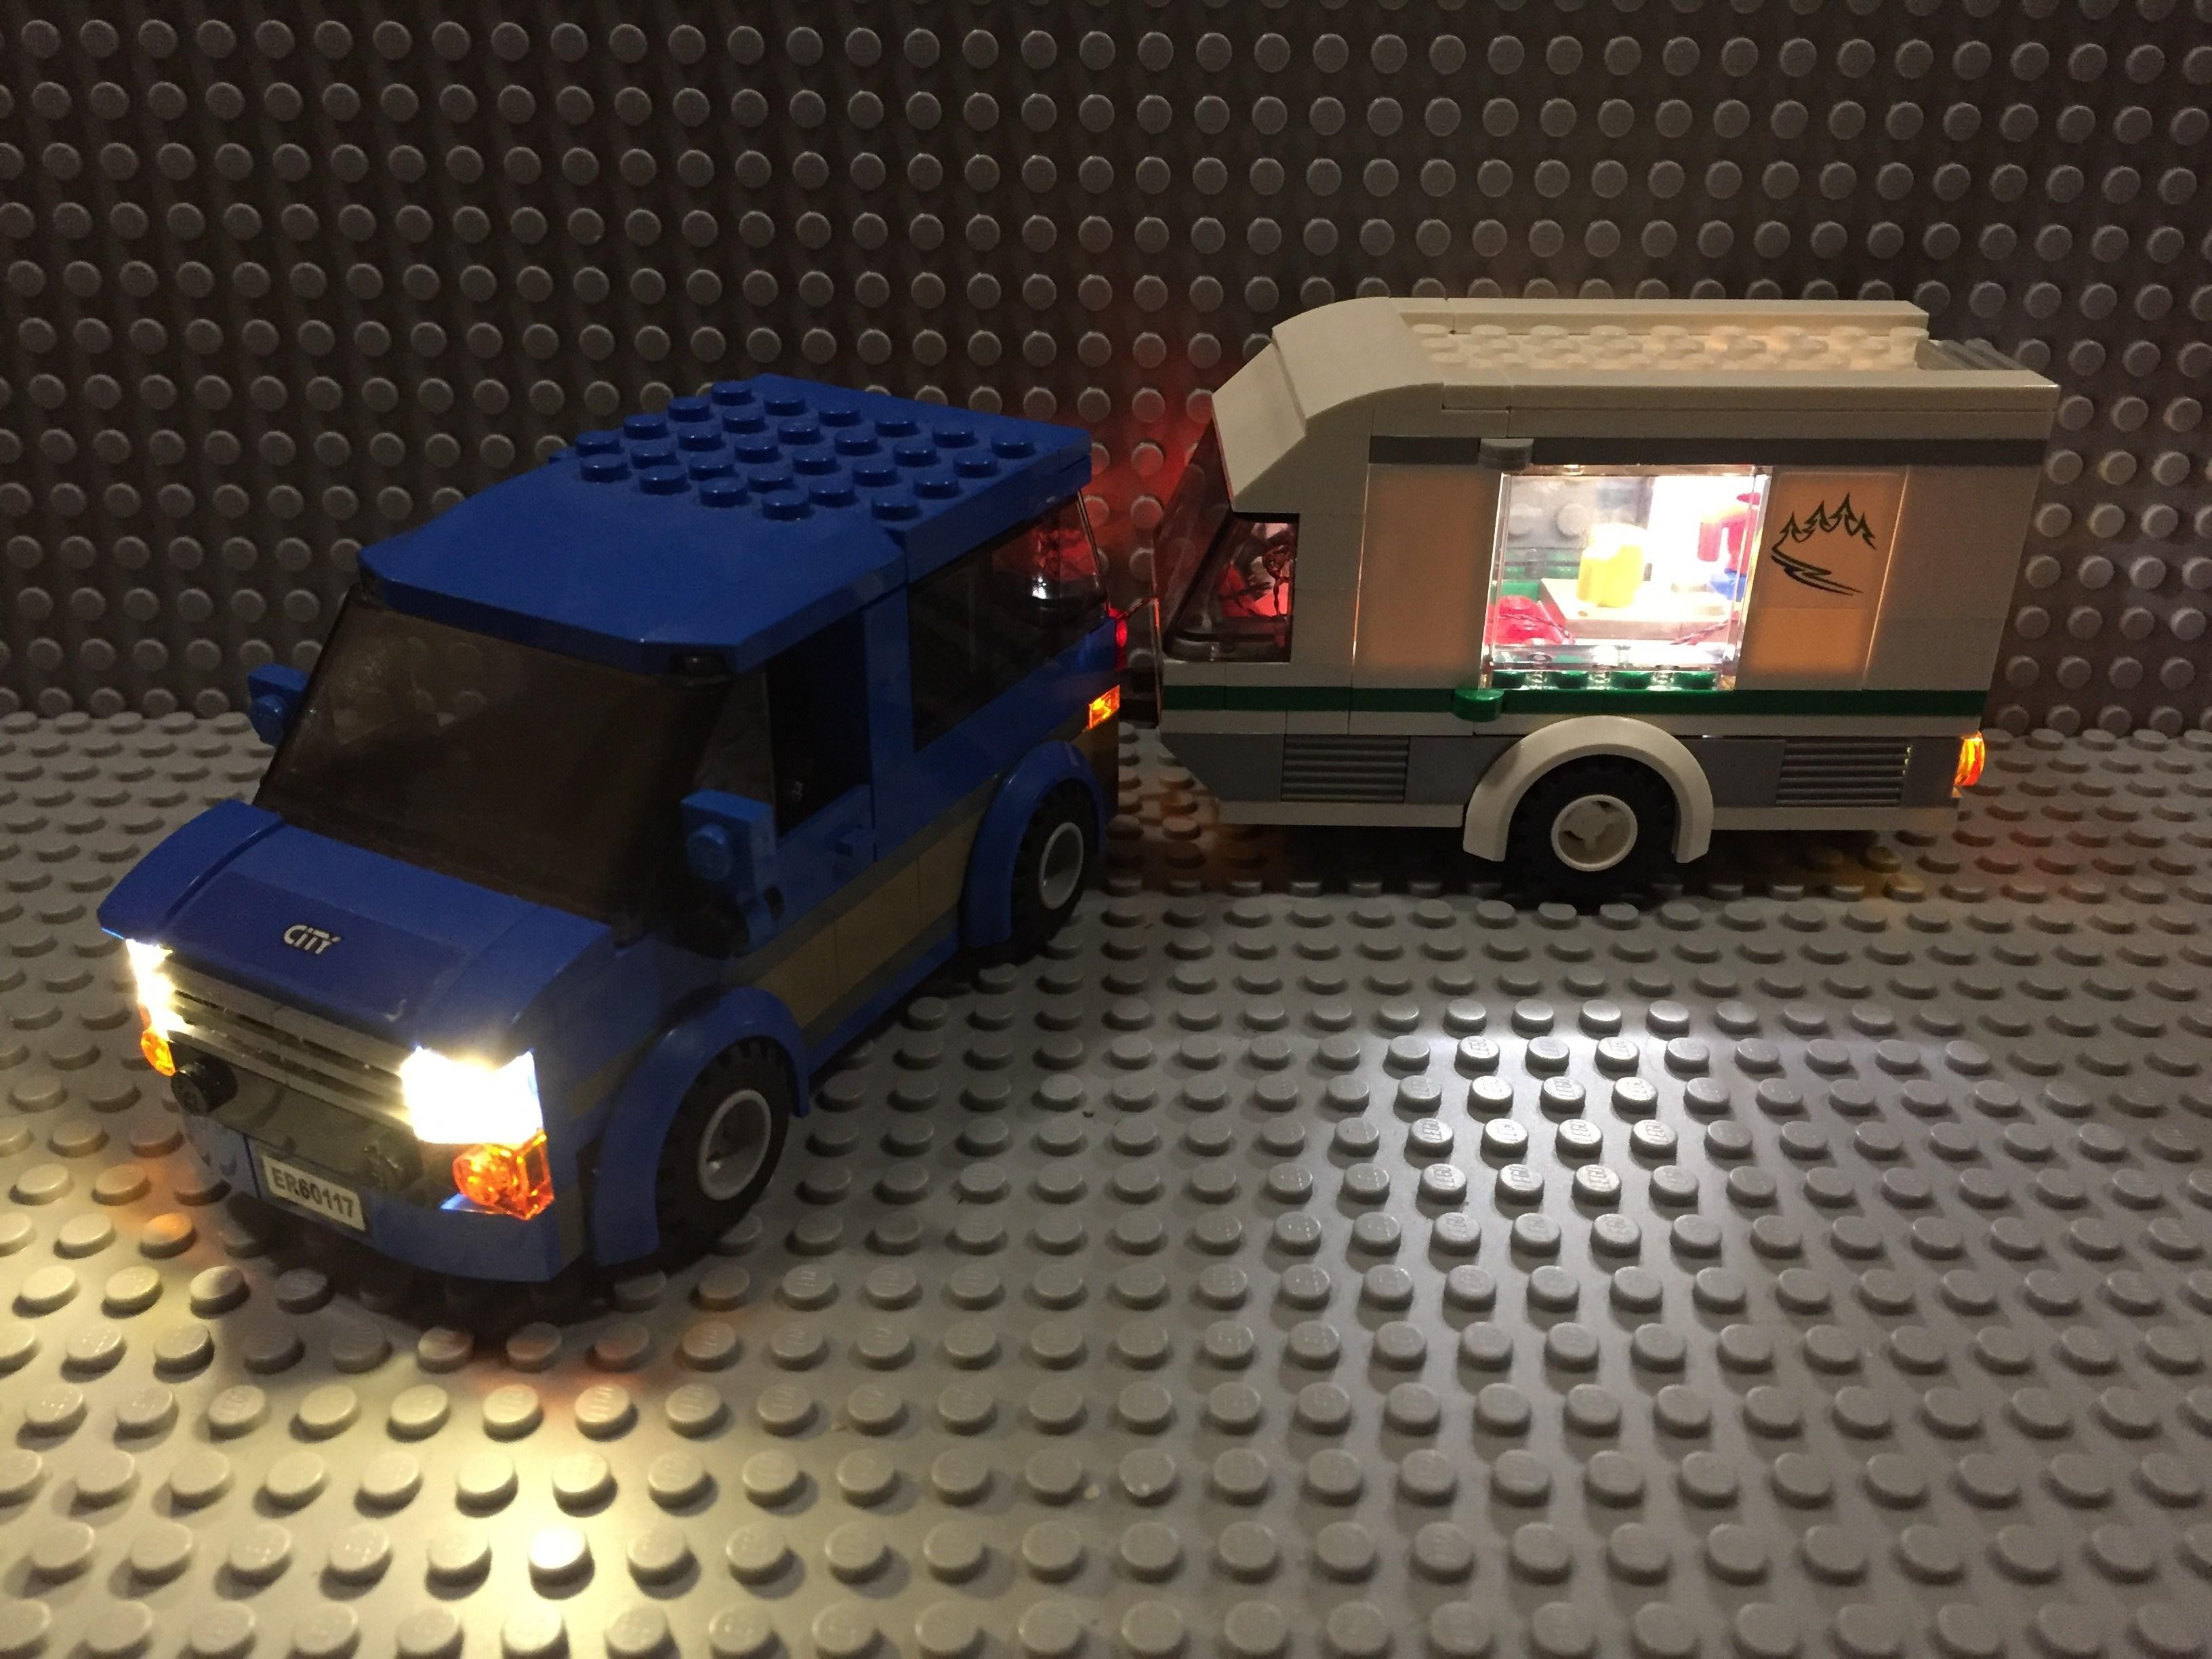 Review LED Light Kit for LEGO 60117 City Car Caravan6 - Bricks Delight